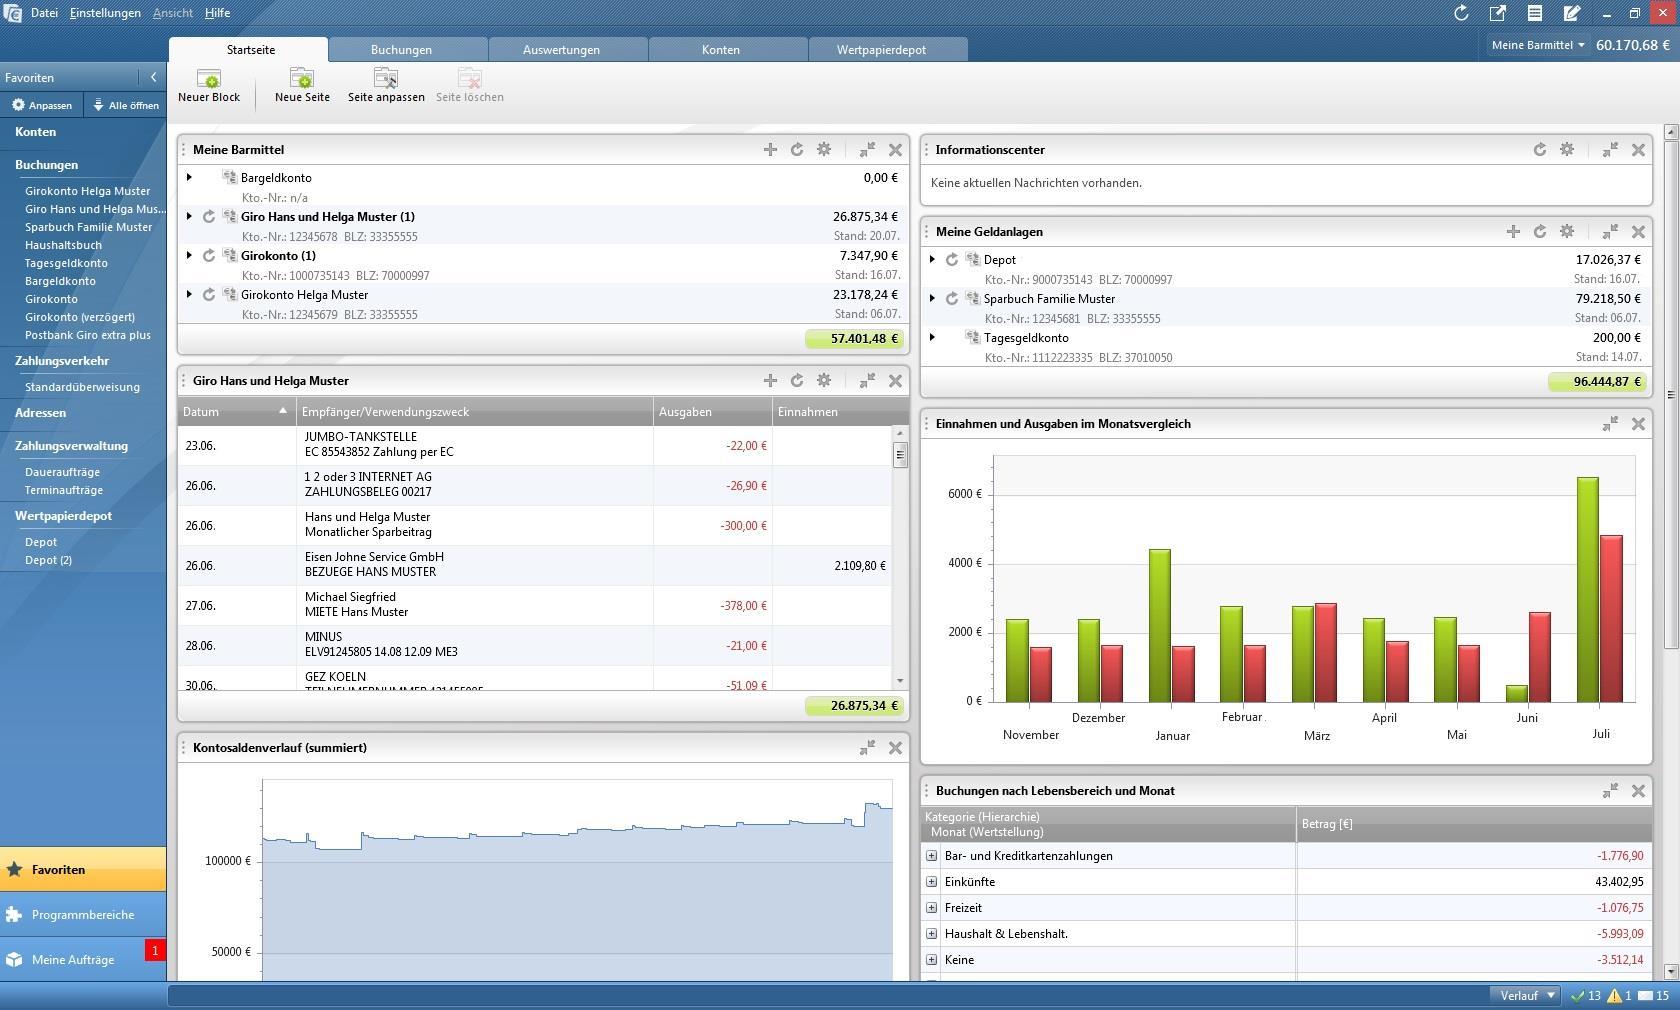 Buhl Data Service WISO Mein Geld 365 - Lizenz -...